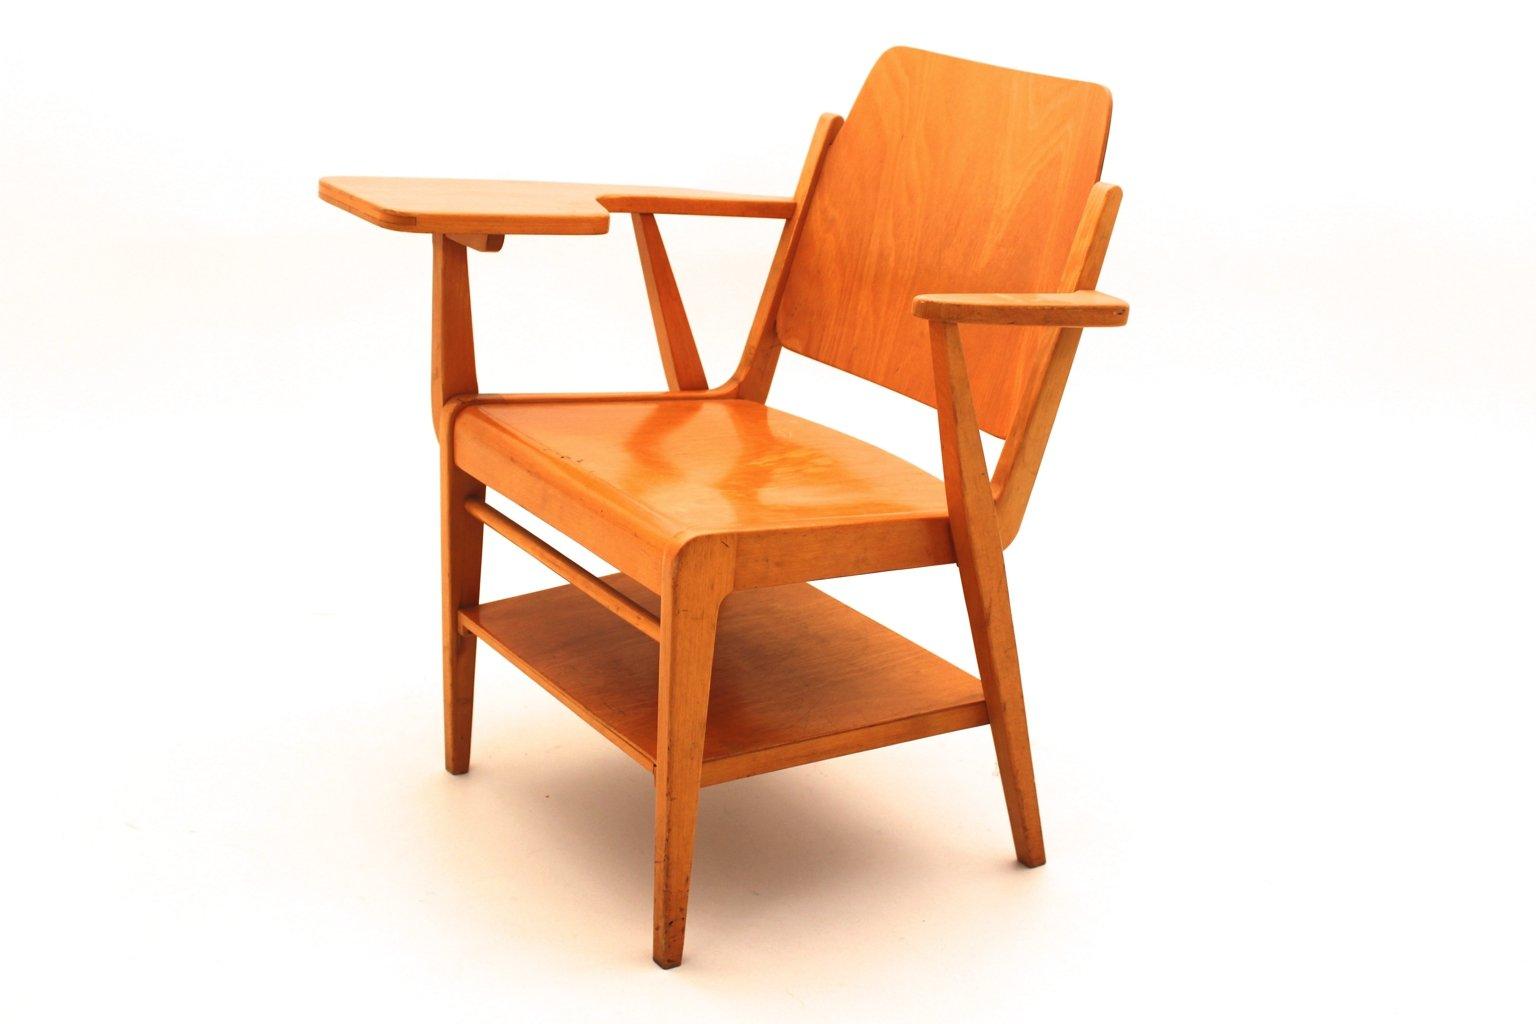 fauteuil autrichien vintage avec tablette critoire par. Black Bedroom Furniture Sets. Home Design Ideas